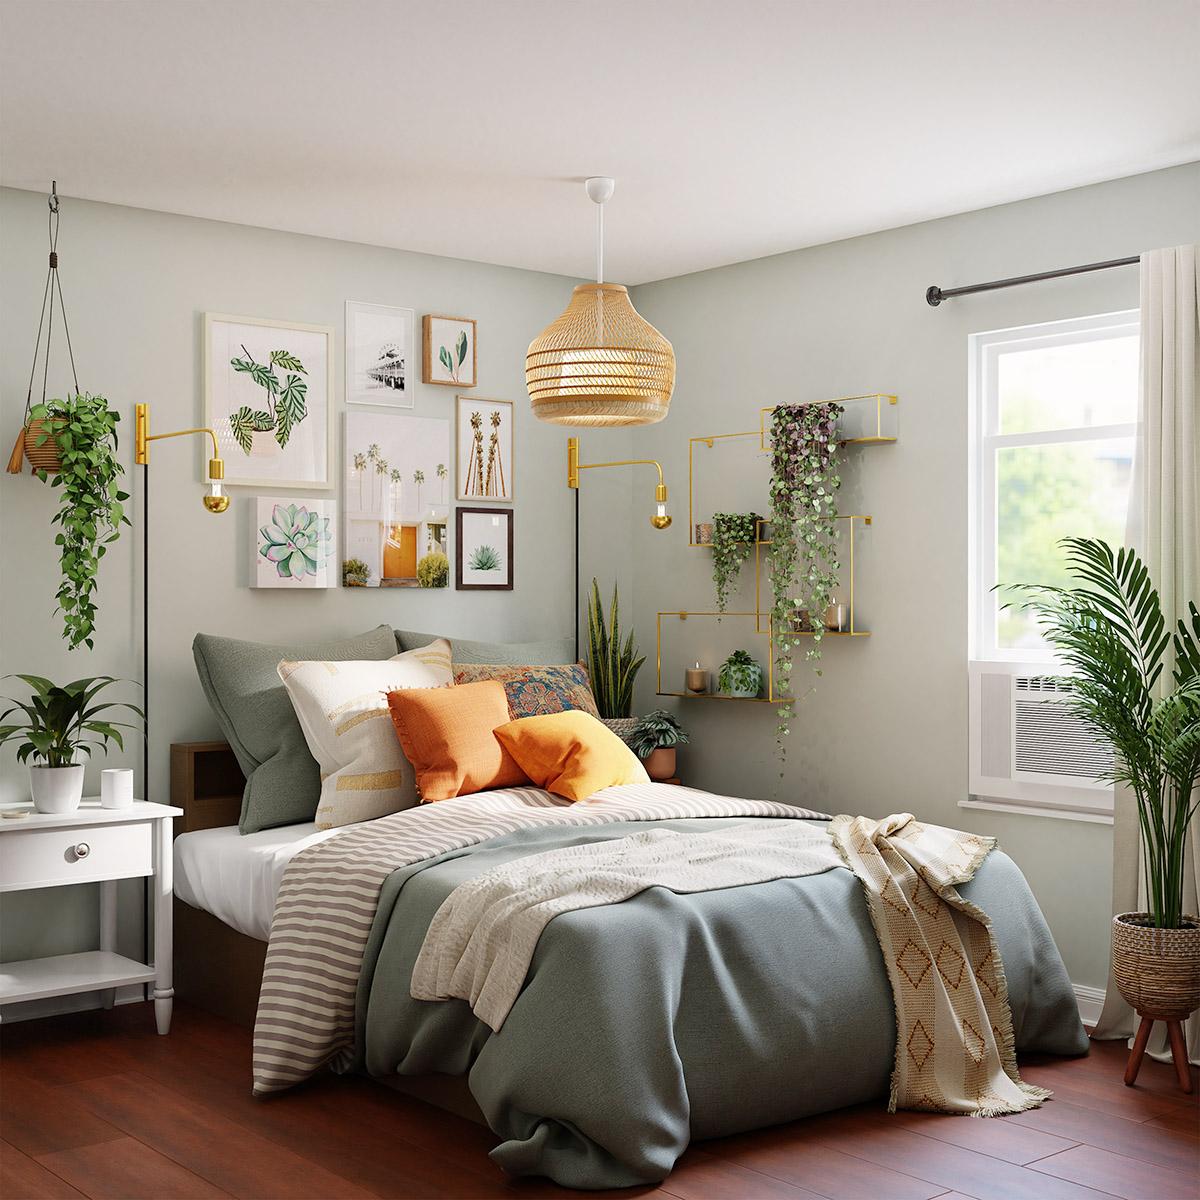 薄いグリーンでまとめた寝室